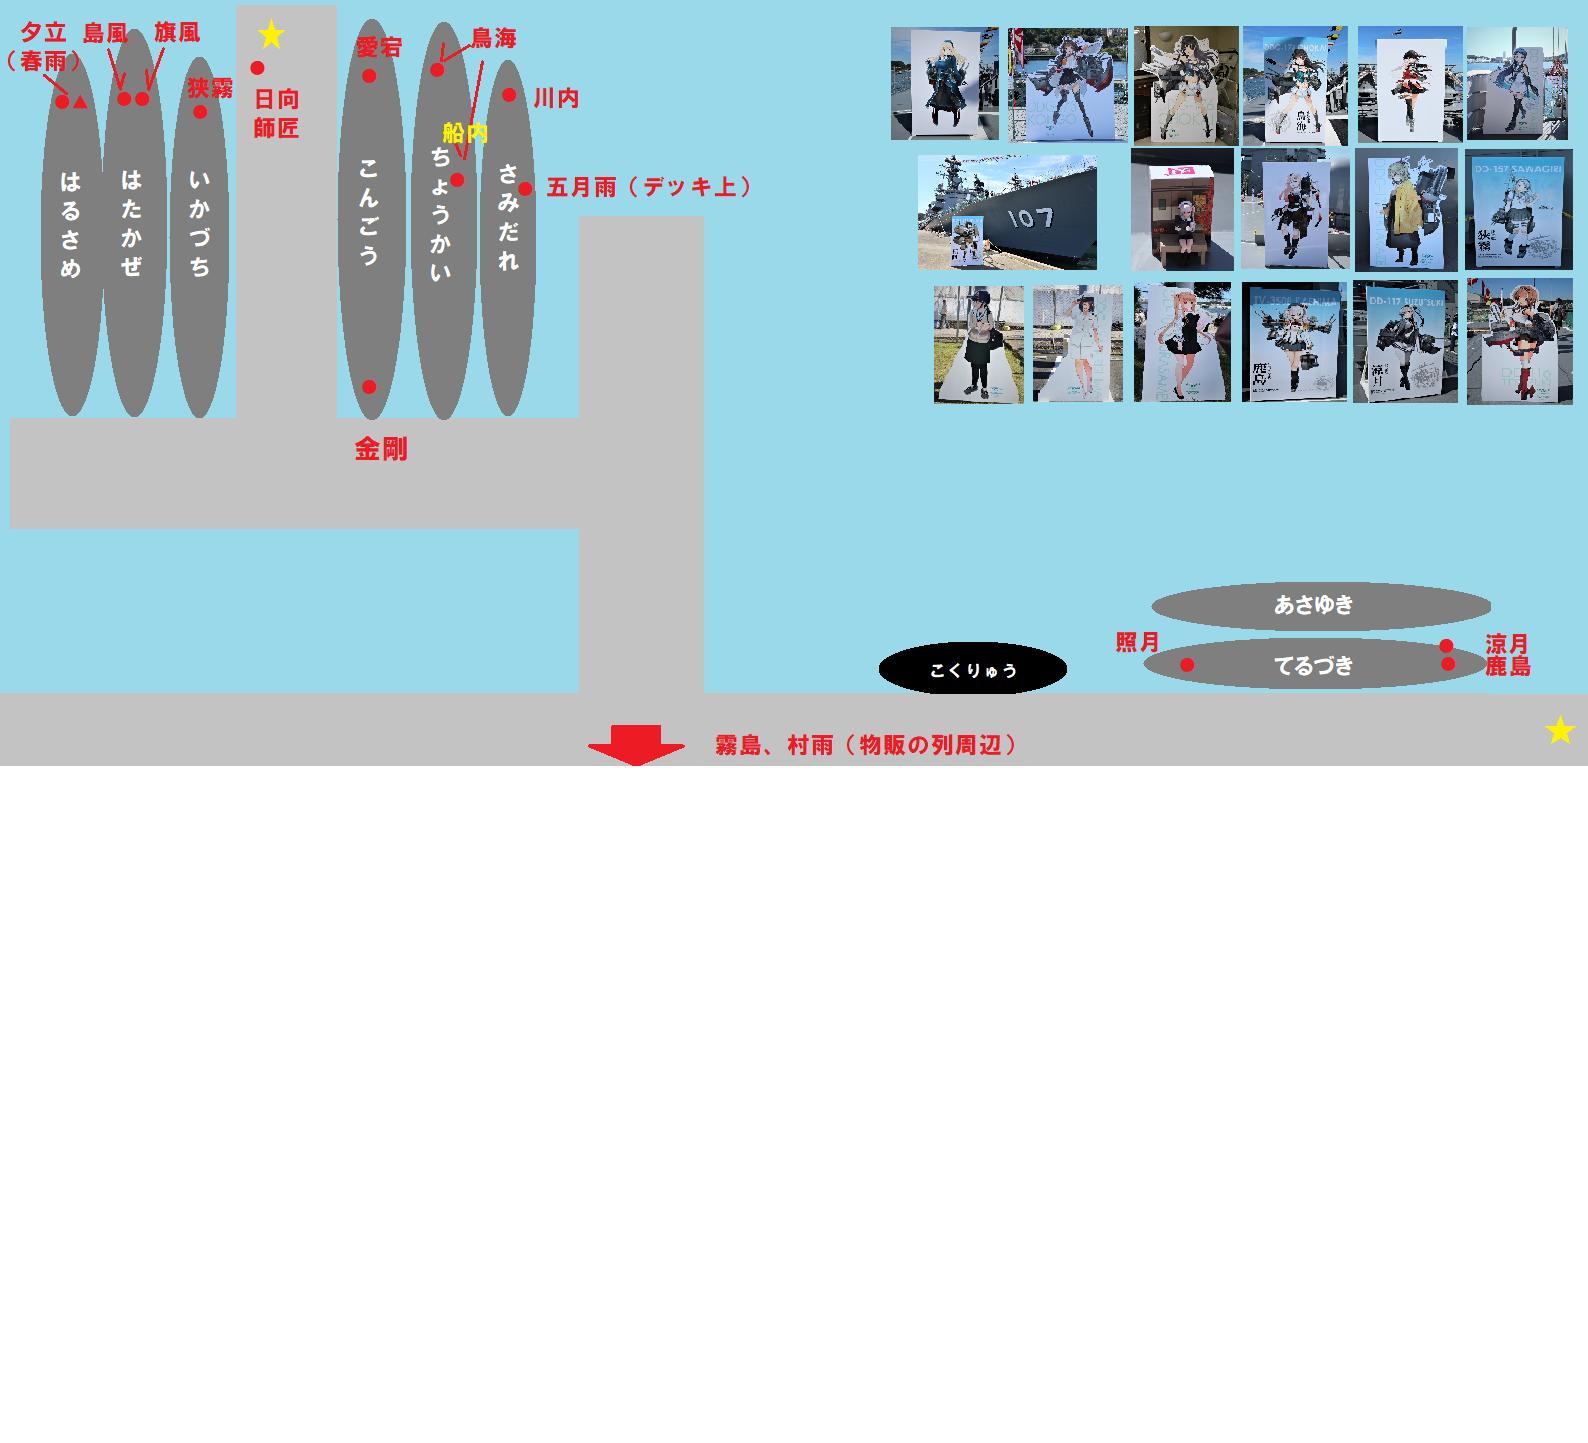 横須賀基地艦娘パネル配置図写真付き改1